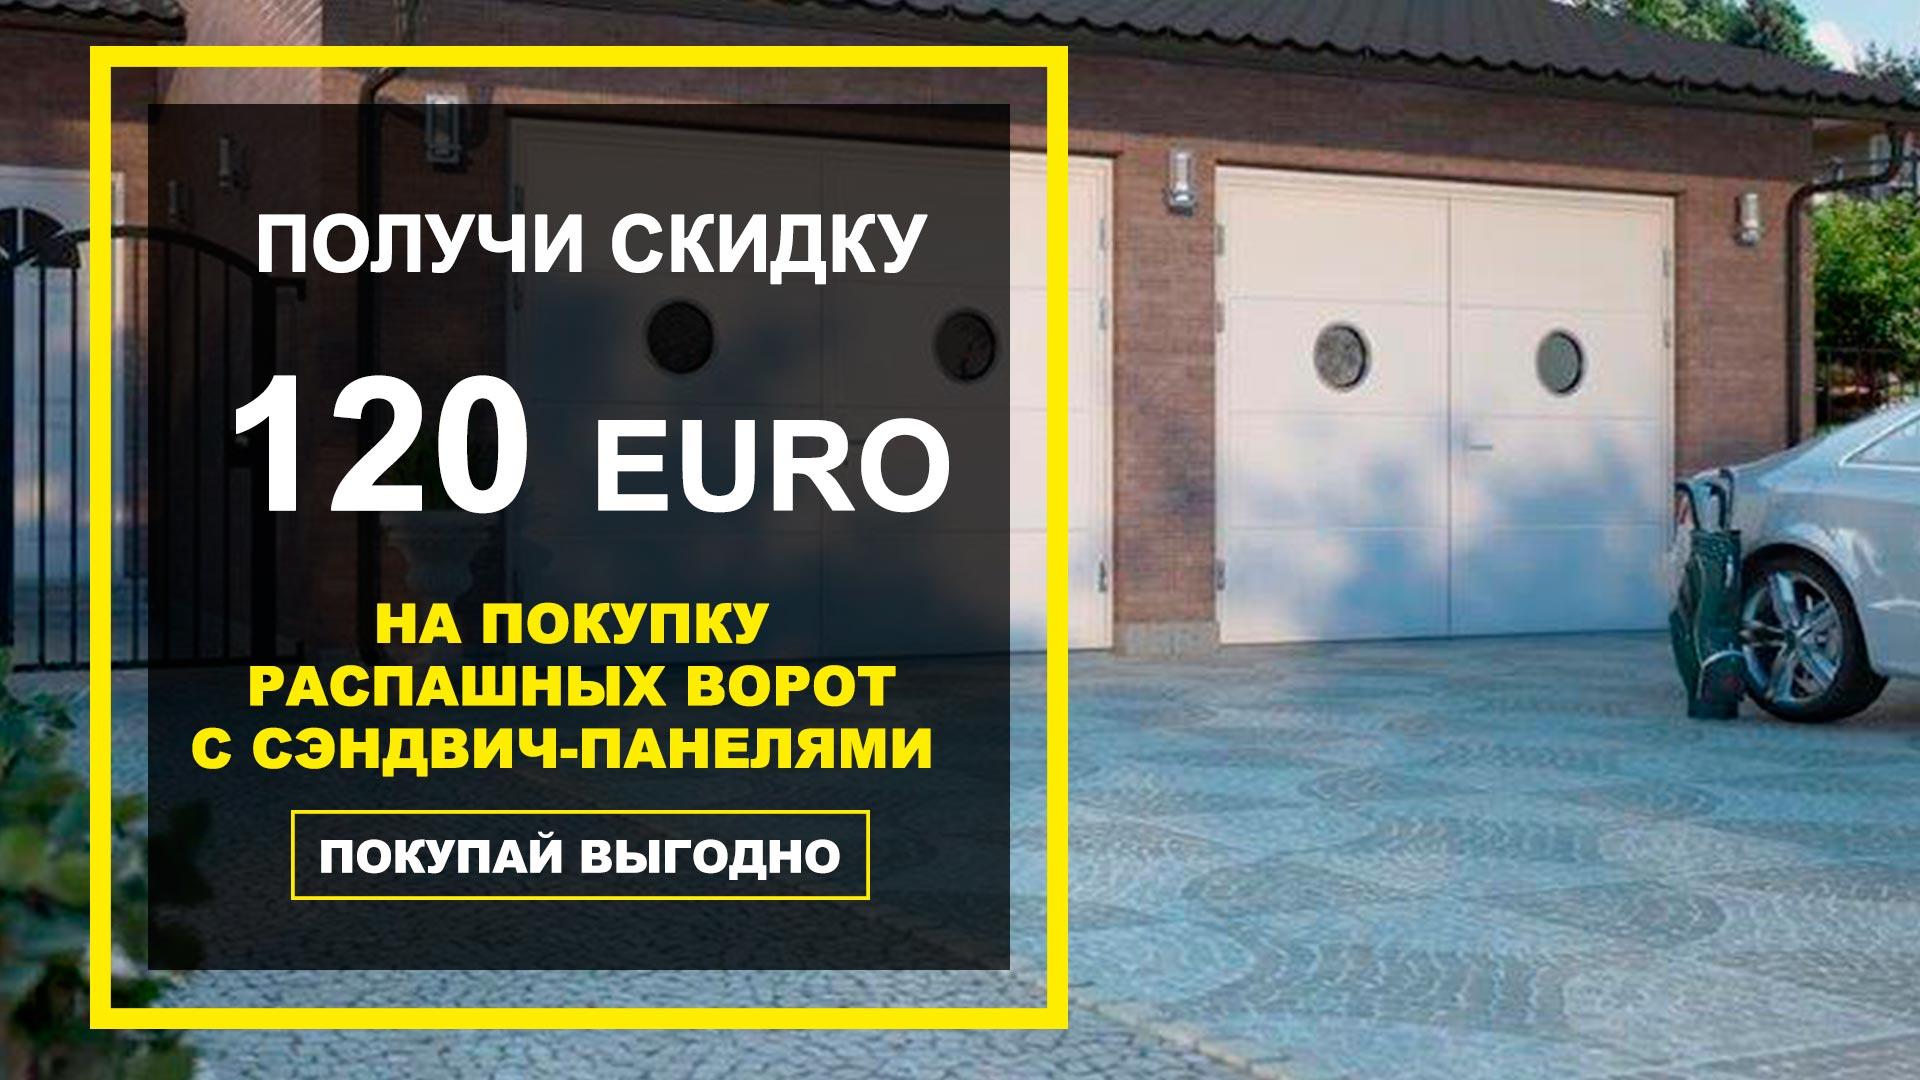 Скидка распашные ворота в Киеве